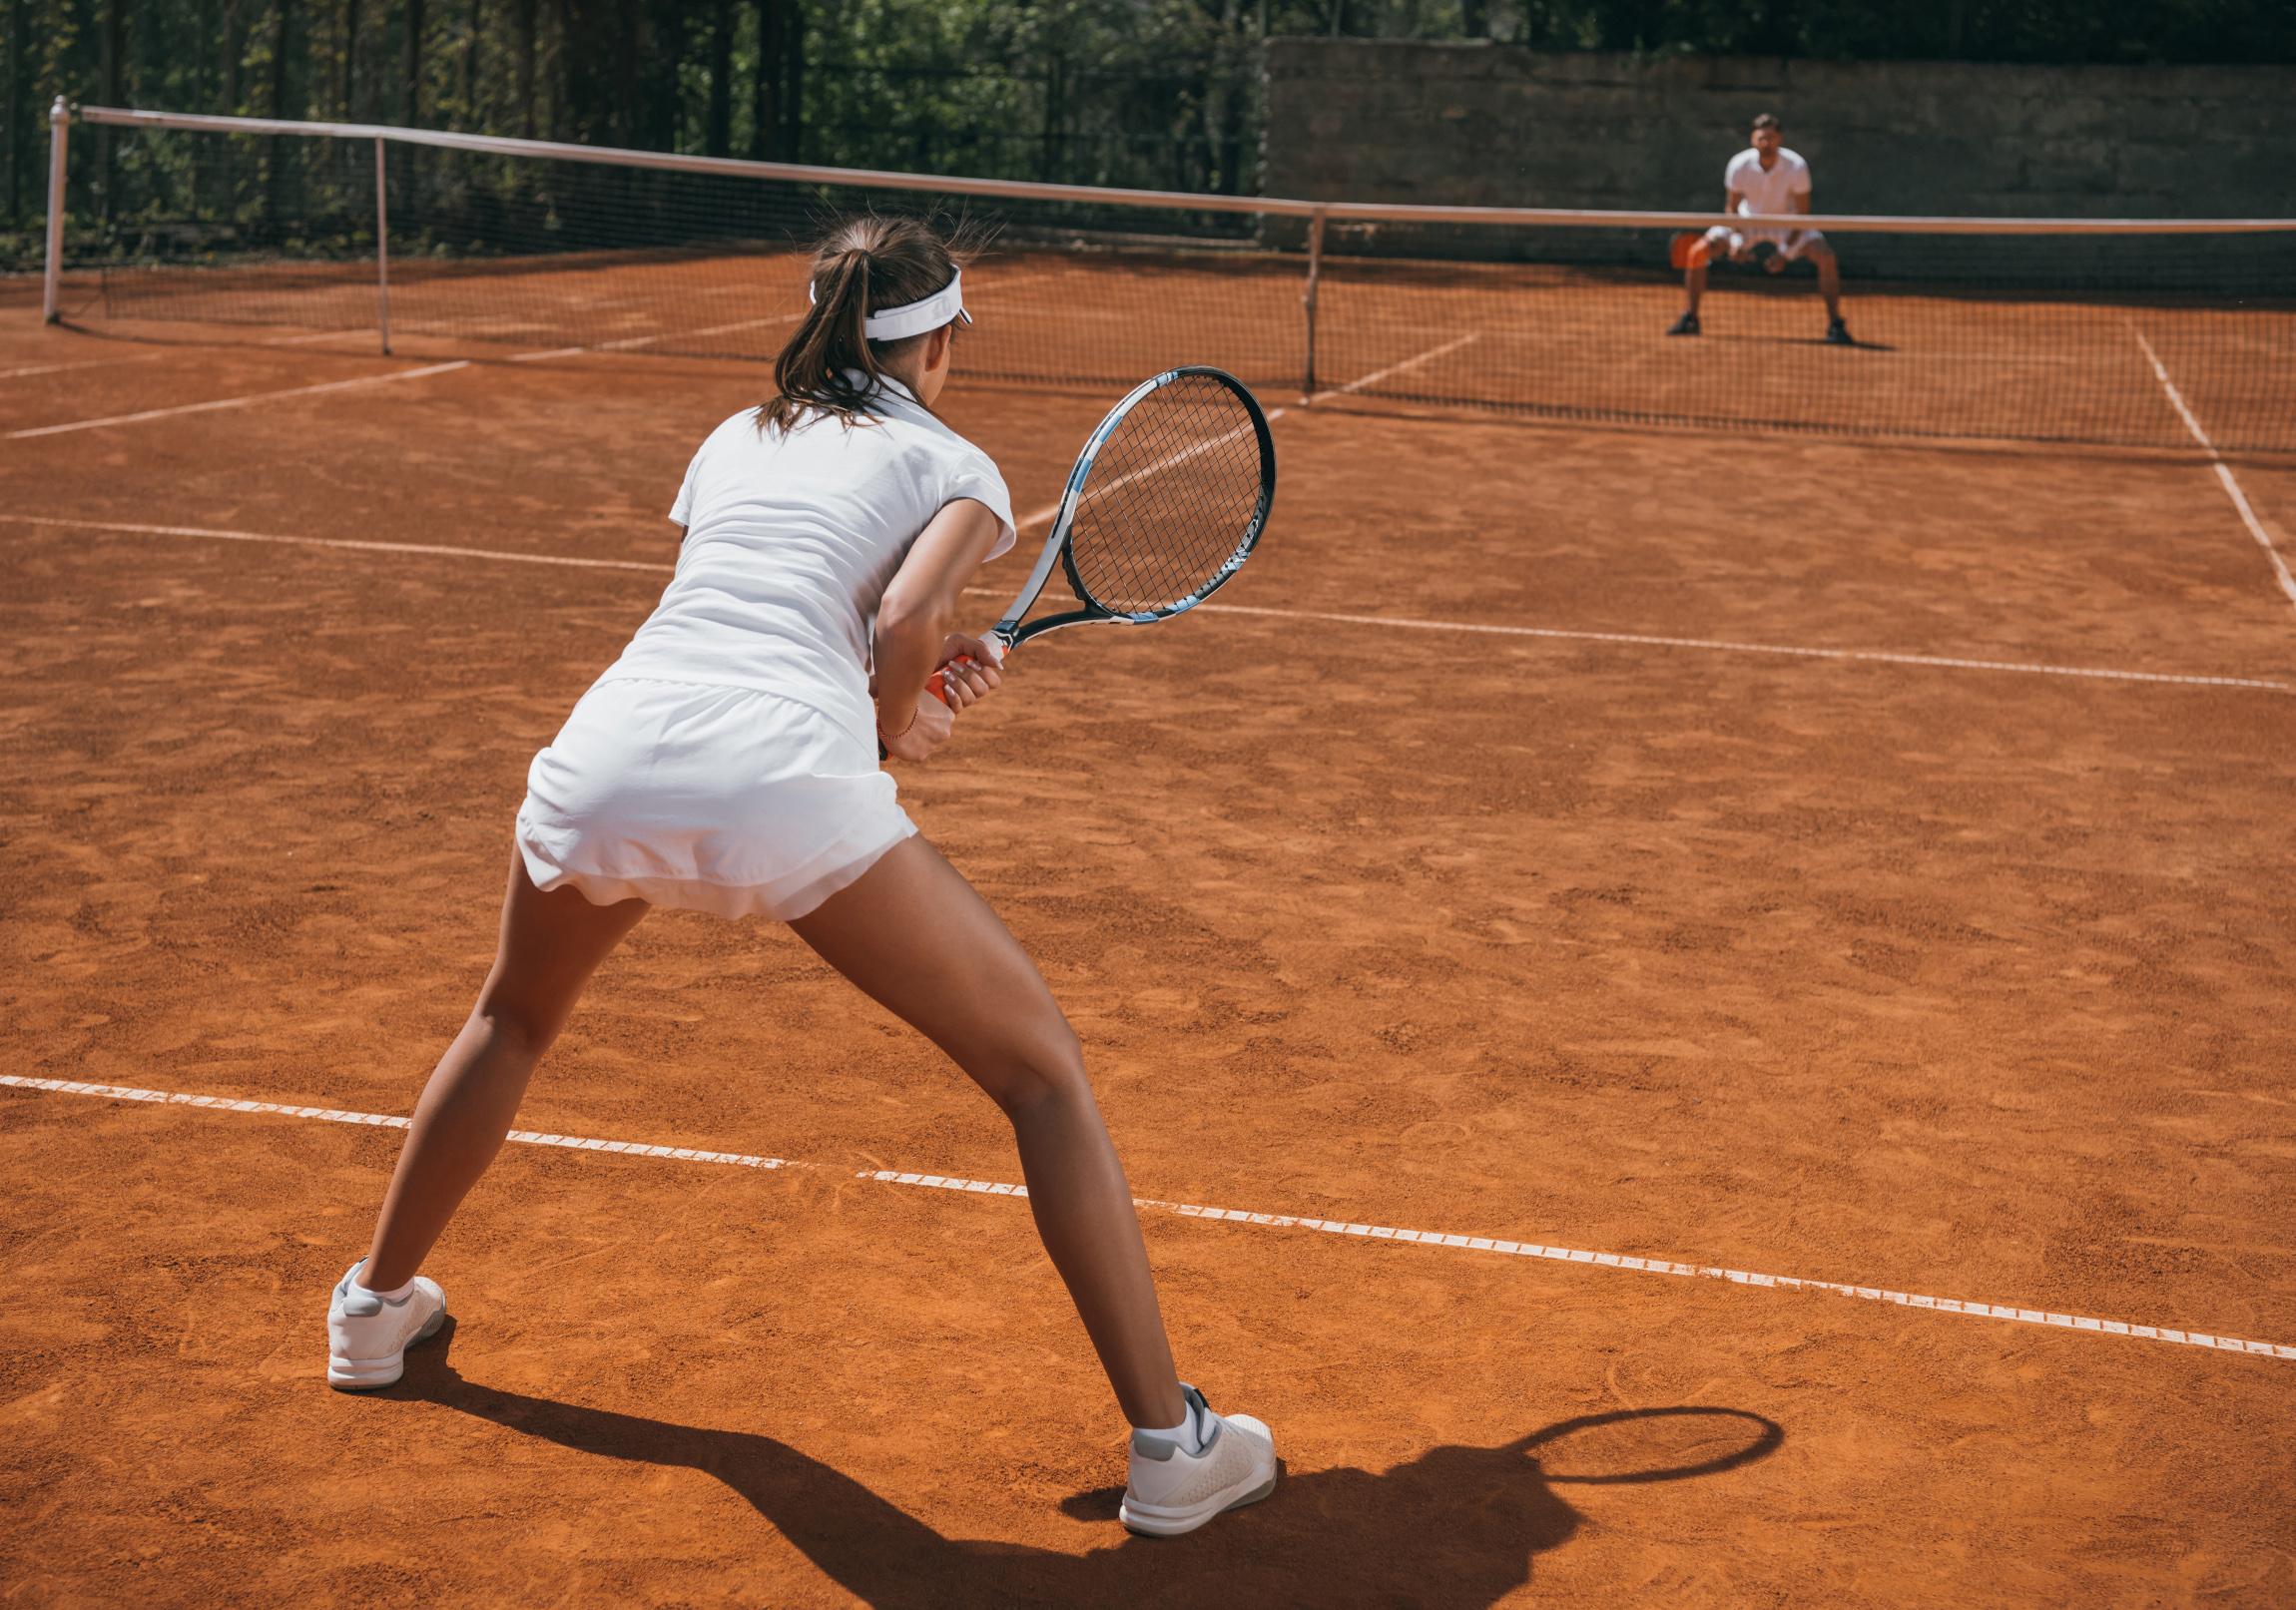 Vaccino obbligatorio per lo sport amatoriale: la richiesta delle Regioni